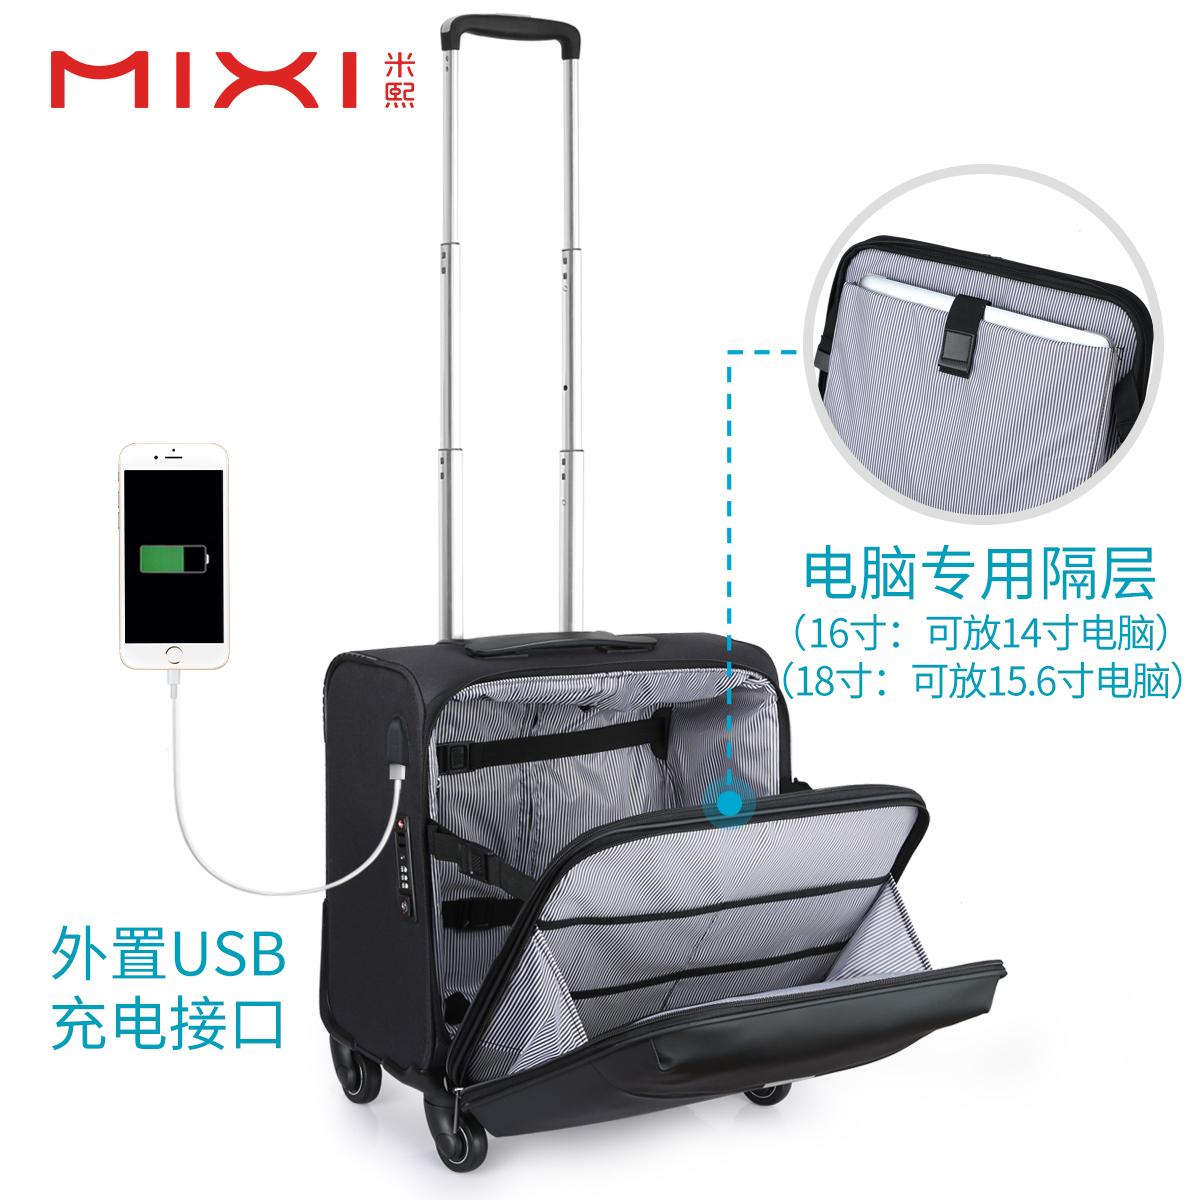 米熙商务登机箱子16男牛津布拉杆行李箱女小型轻便18寸空乘旅行箱